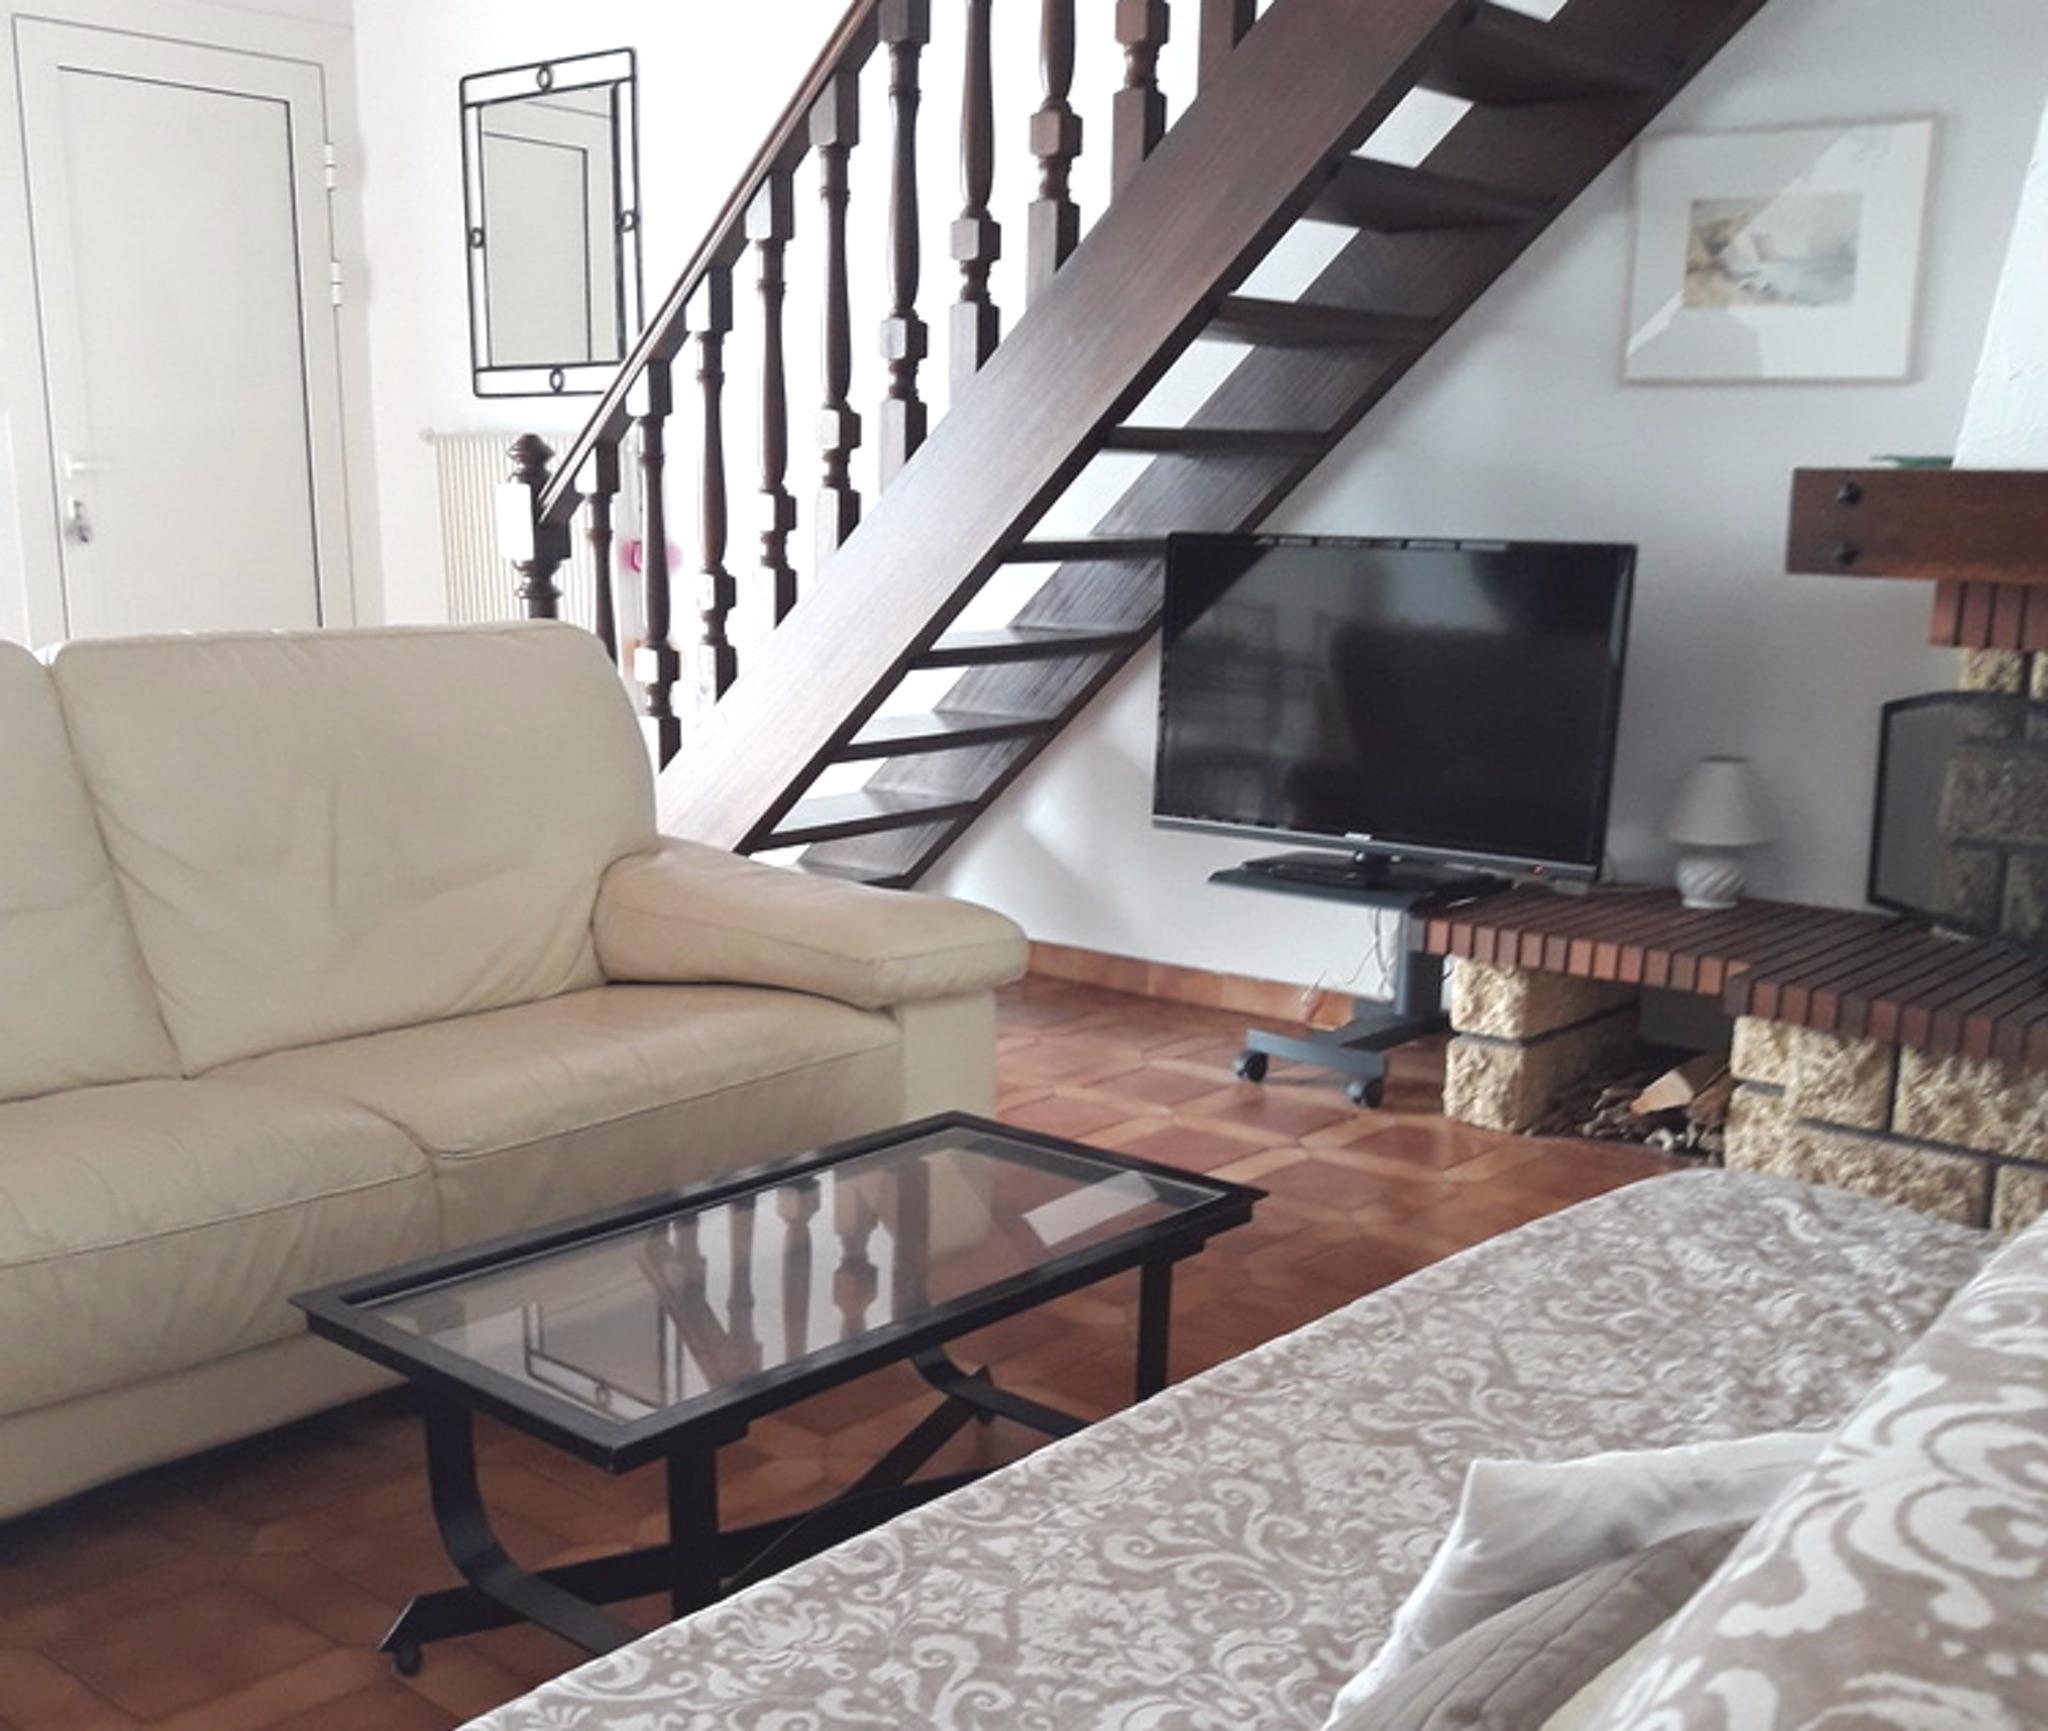 Ferienhaus Haus mit 2 Zimmern in Sainte-Marie mit eingezäuntem Garten - 150 m vom Strand entfernt (2202719), Sainte Marie la Mer, Mittelmeerküste Pyrénées-Orientales, Languedoc-Roussillon, Frankreich, Bild 2